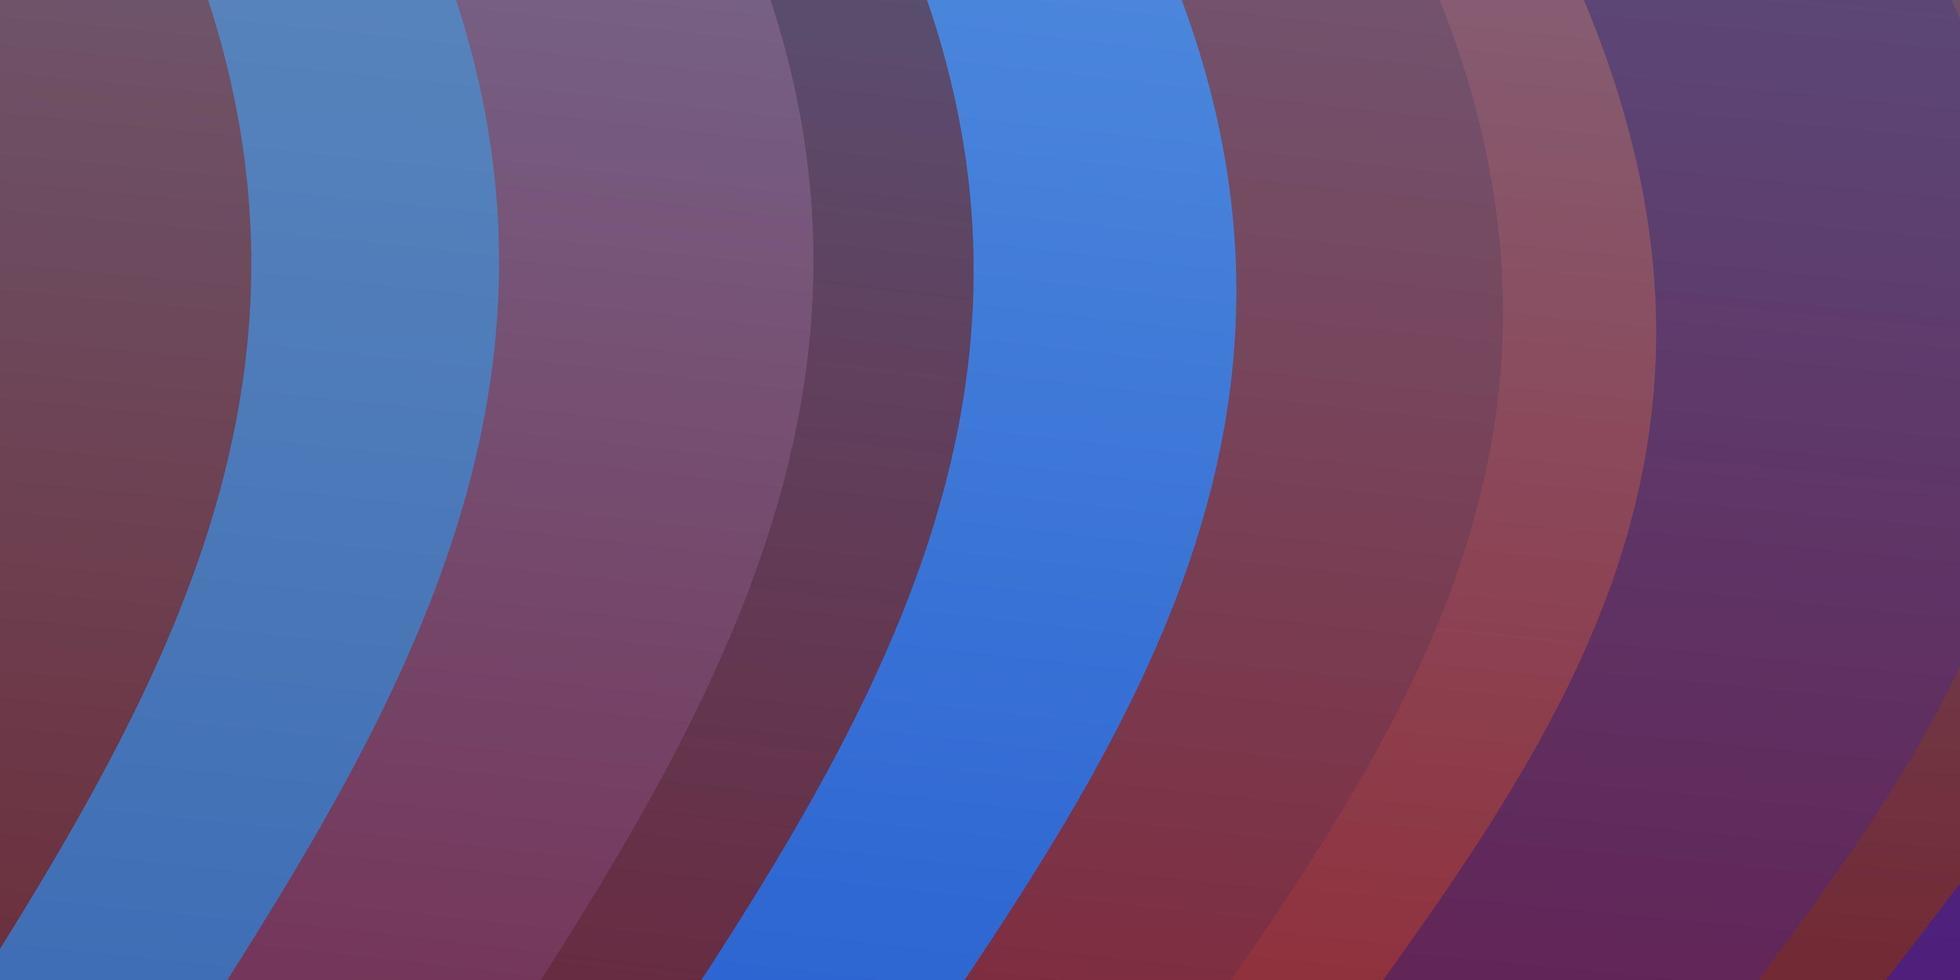 fond de vecteur bleu clair, rouge avec des courbes.